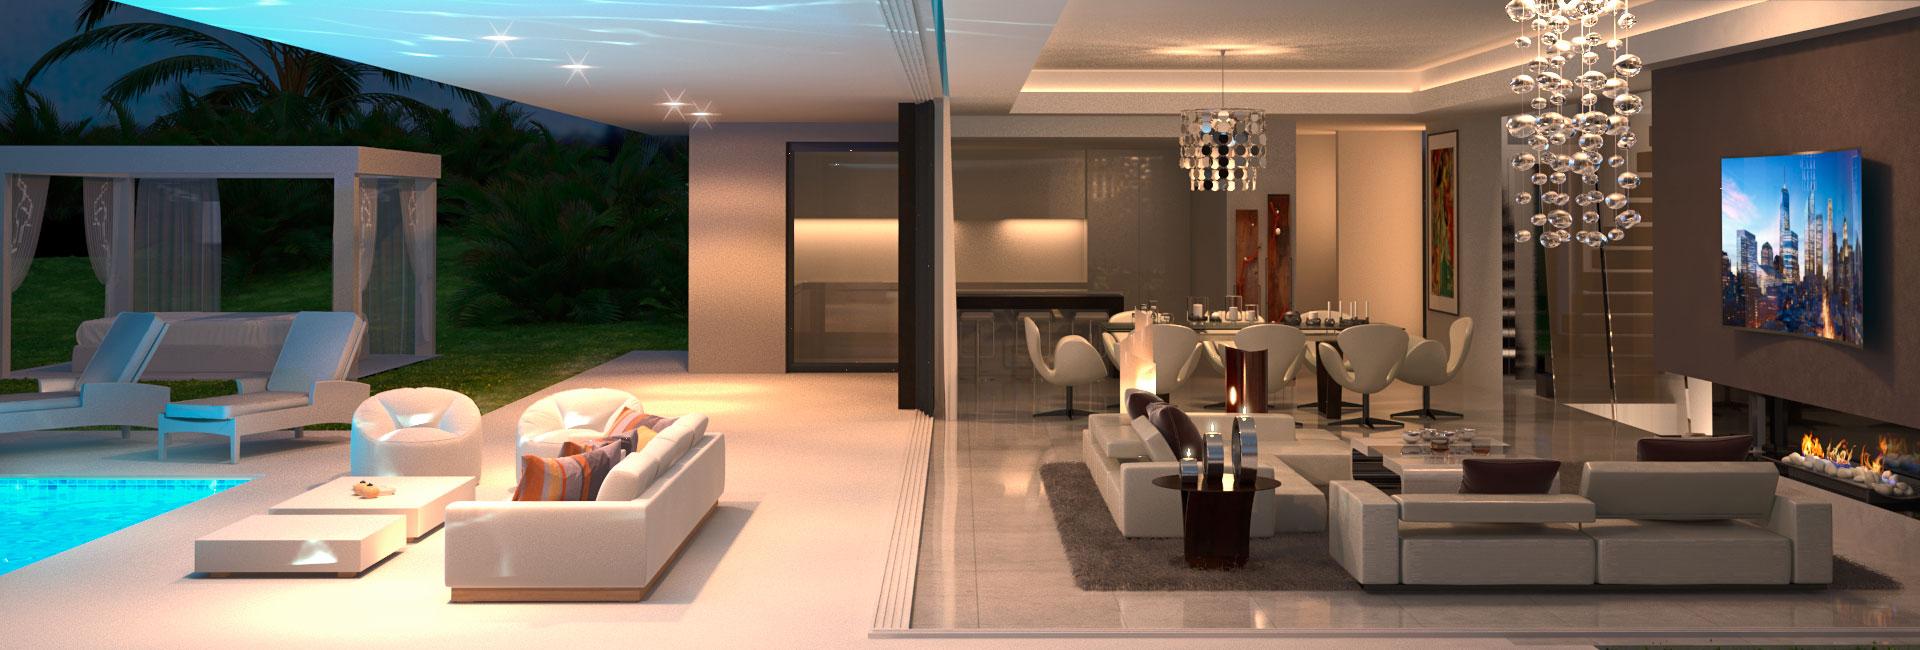 Infografía 3D Villa terraza